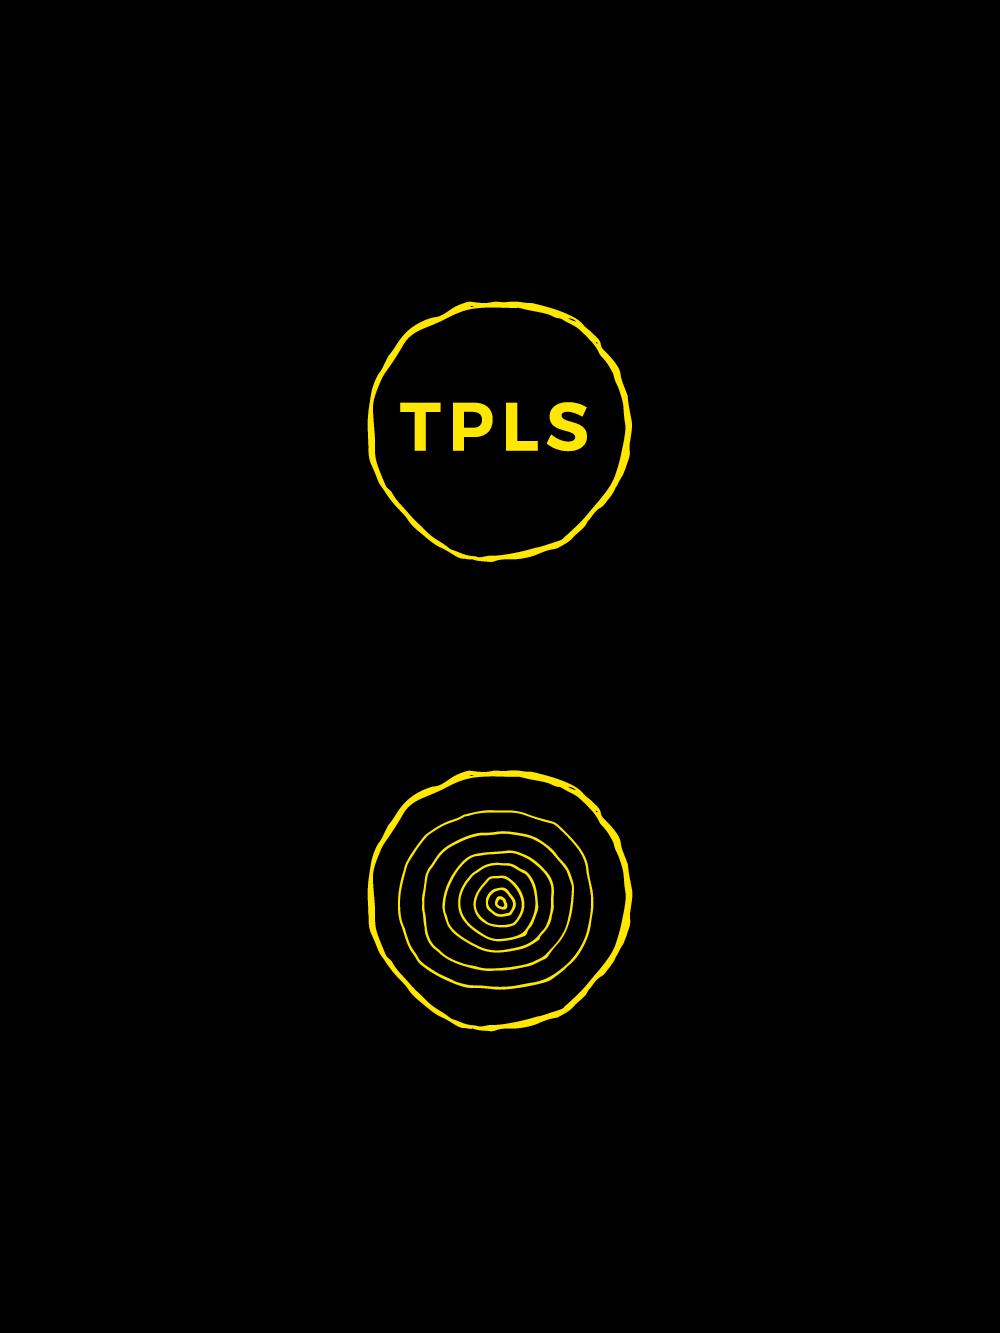 Secondary Logo2.jpg